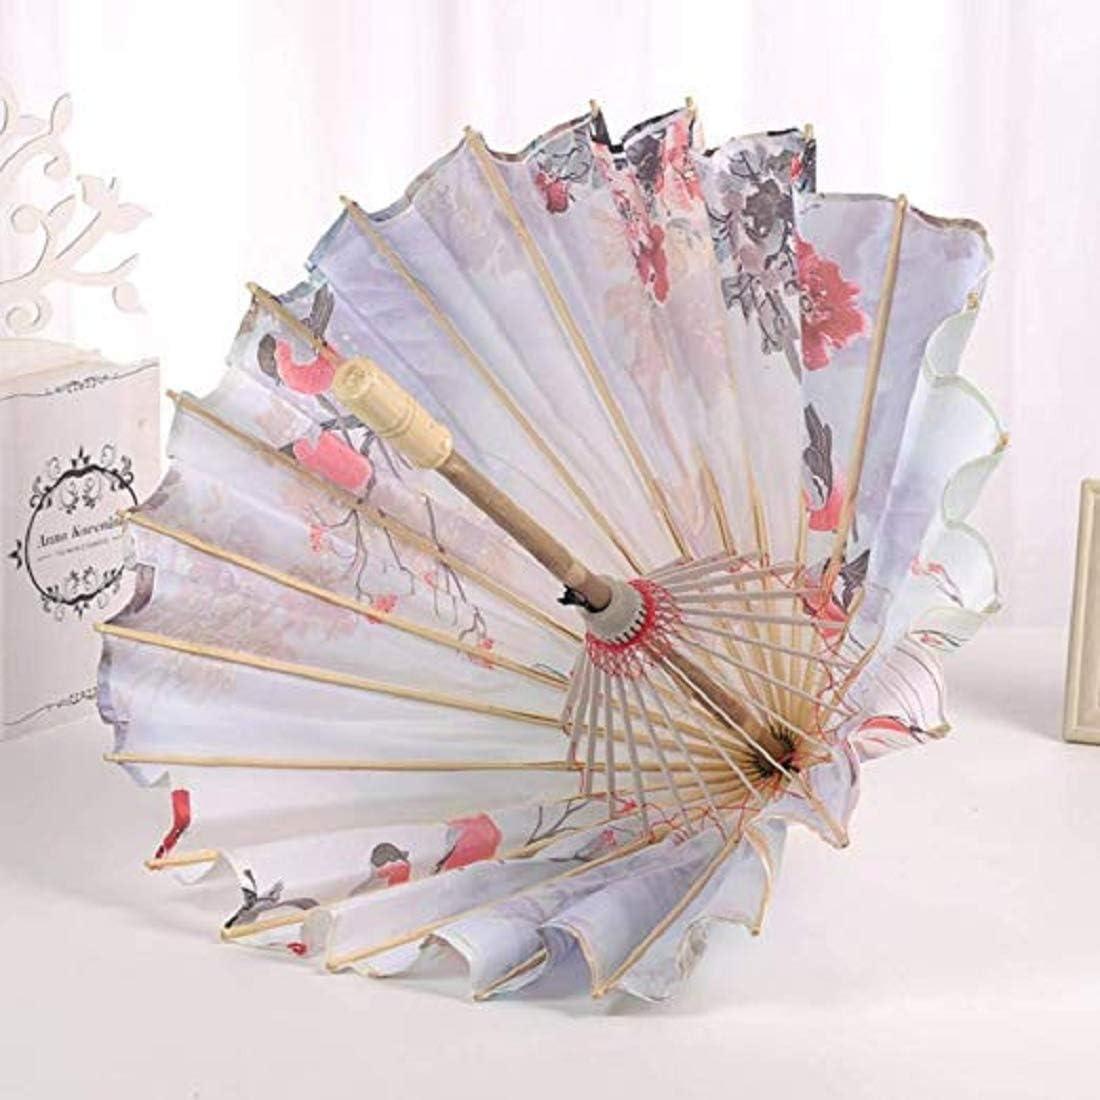 Vennisa Femme Ombrelle Chinoise Fait /à La Main en Tissu Parapluie Parasol Floral Decoratif Accessoires pour Danse Mariage Anniversaire A